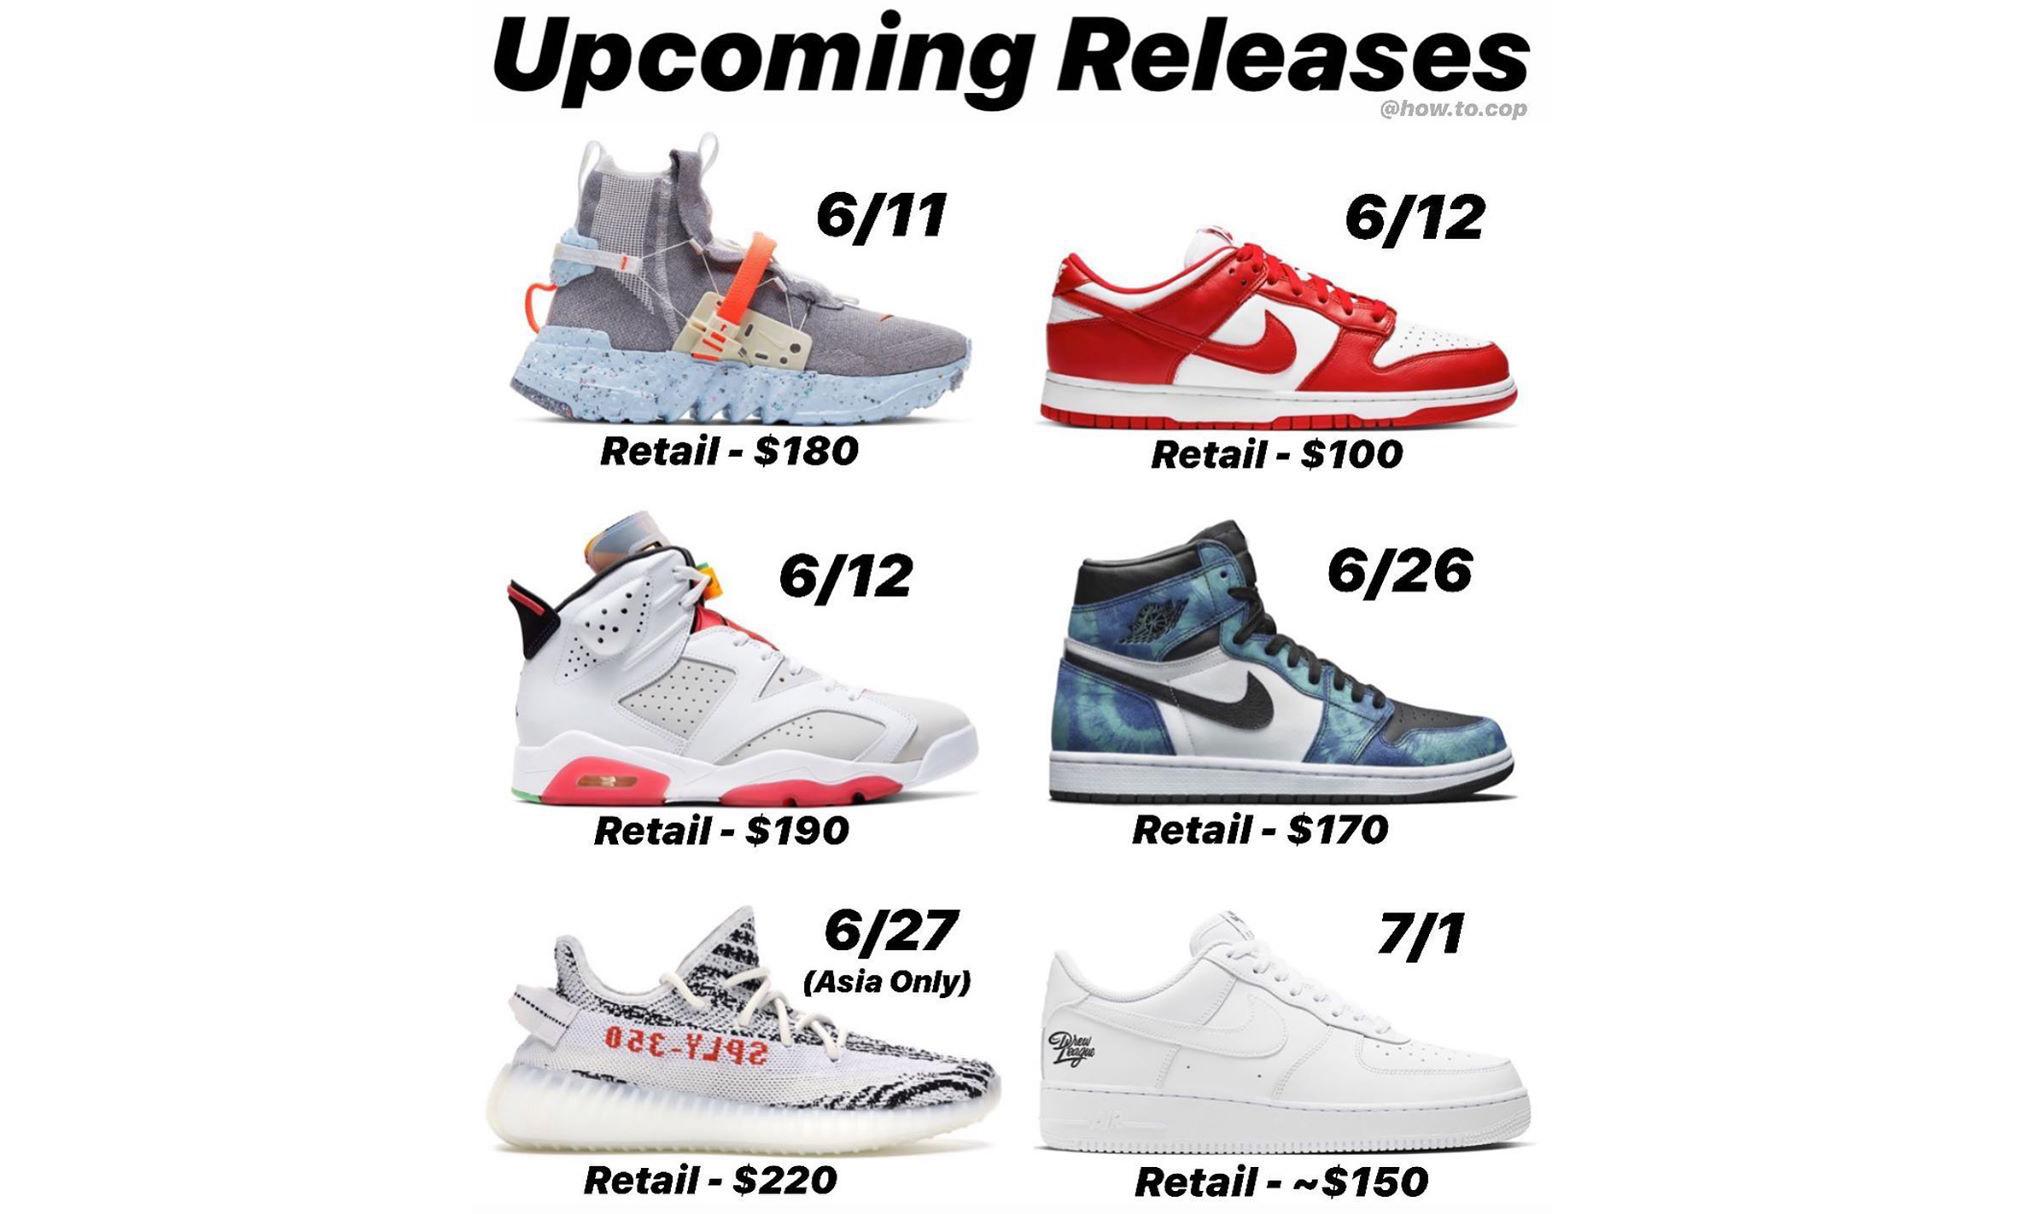 本月重磅鞋款发售一览